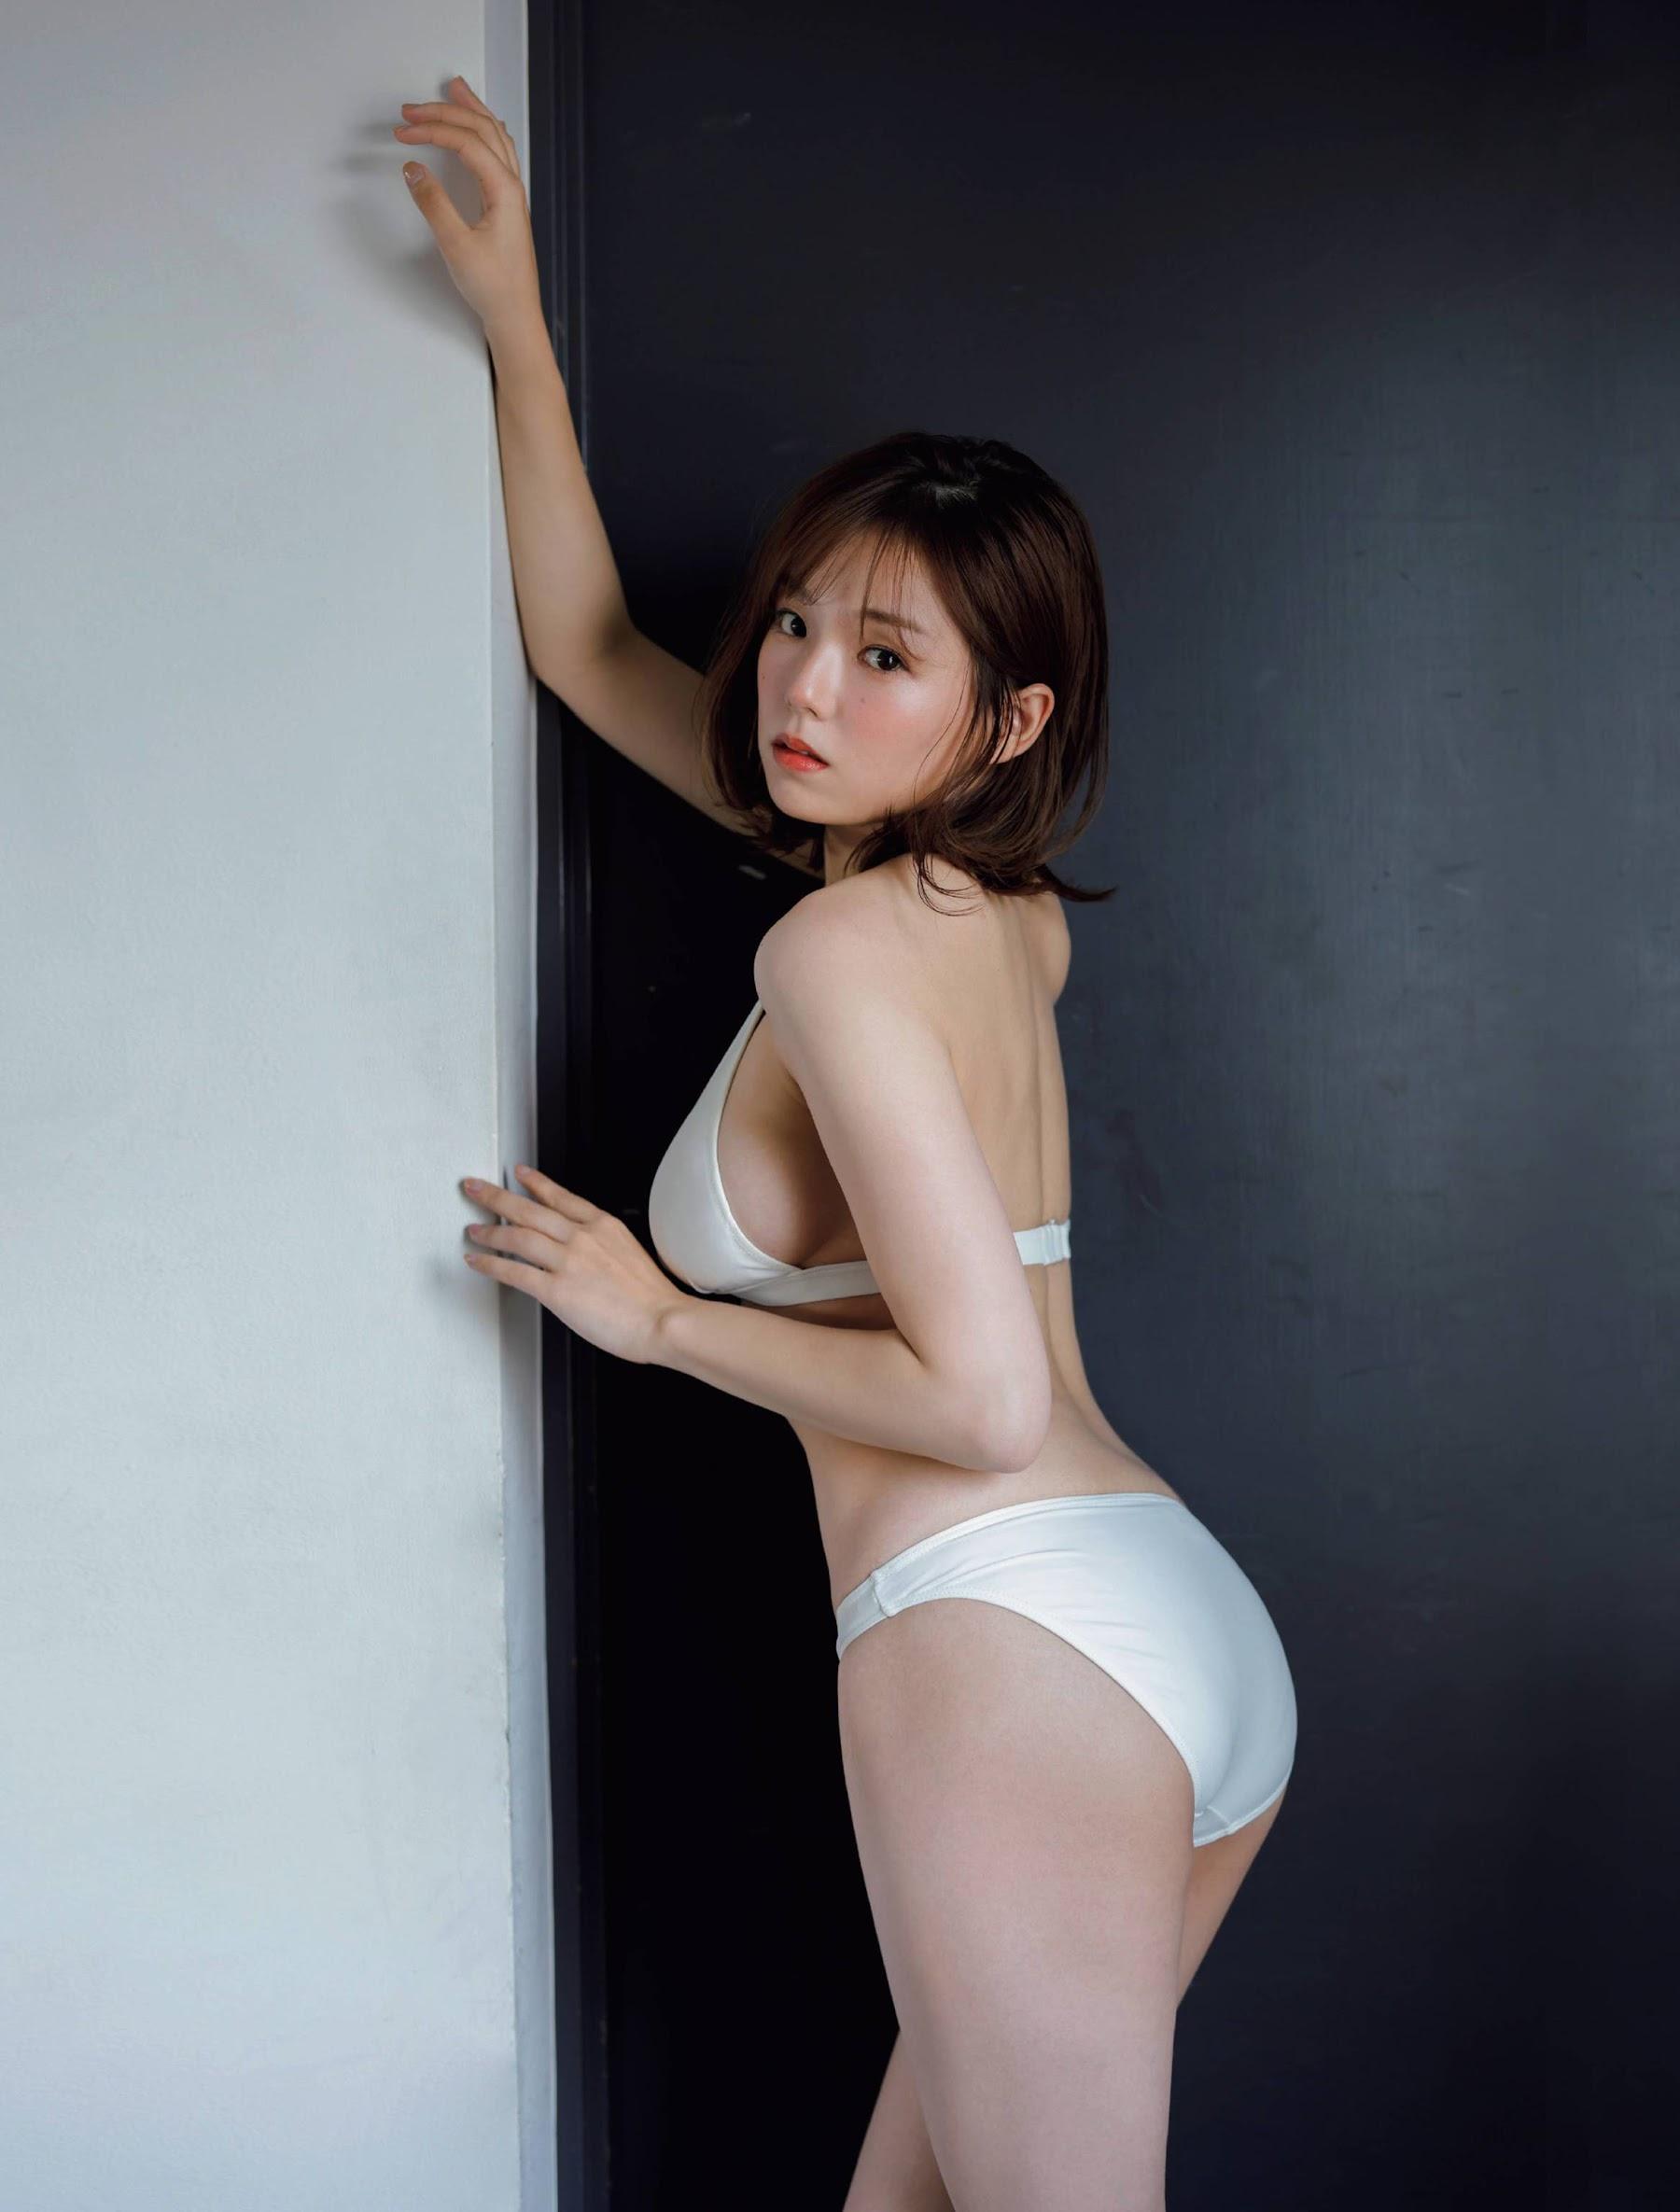 FRIDAY 篠崎愛 アジア最高の女神復活!-觅爱图